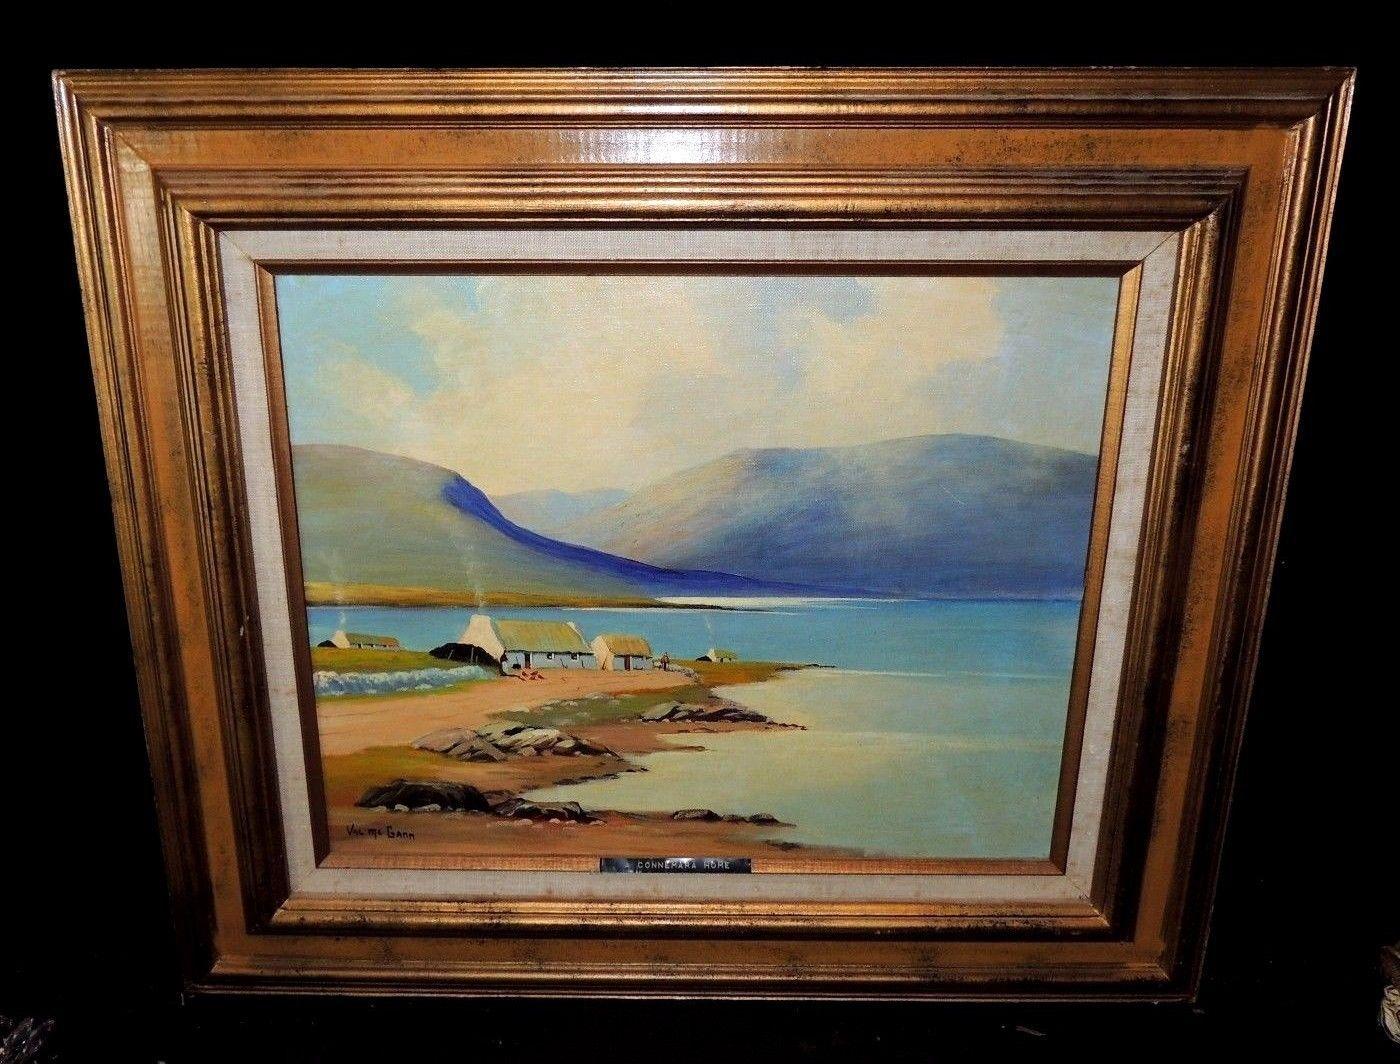 Original Oil on Board Painting Connemara Home by Val McGann - Signed/Framed https://t.co/G5kZ1M8av1 #Homedecor https://t.co/qTOyQup6vL